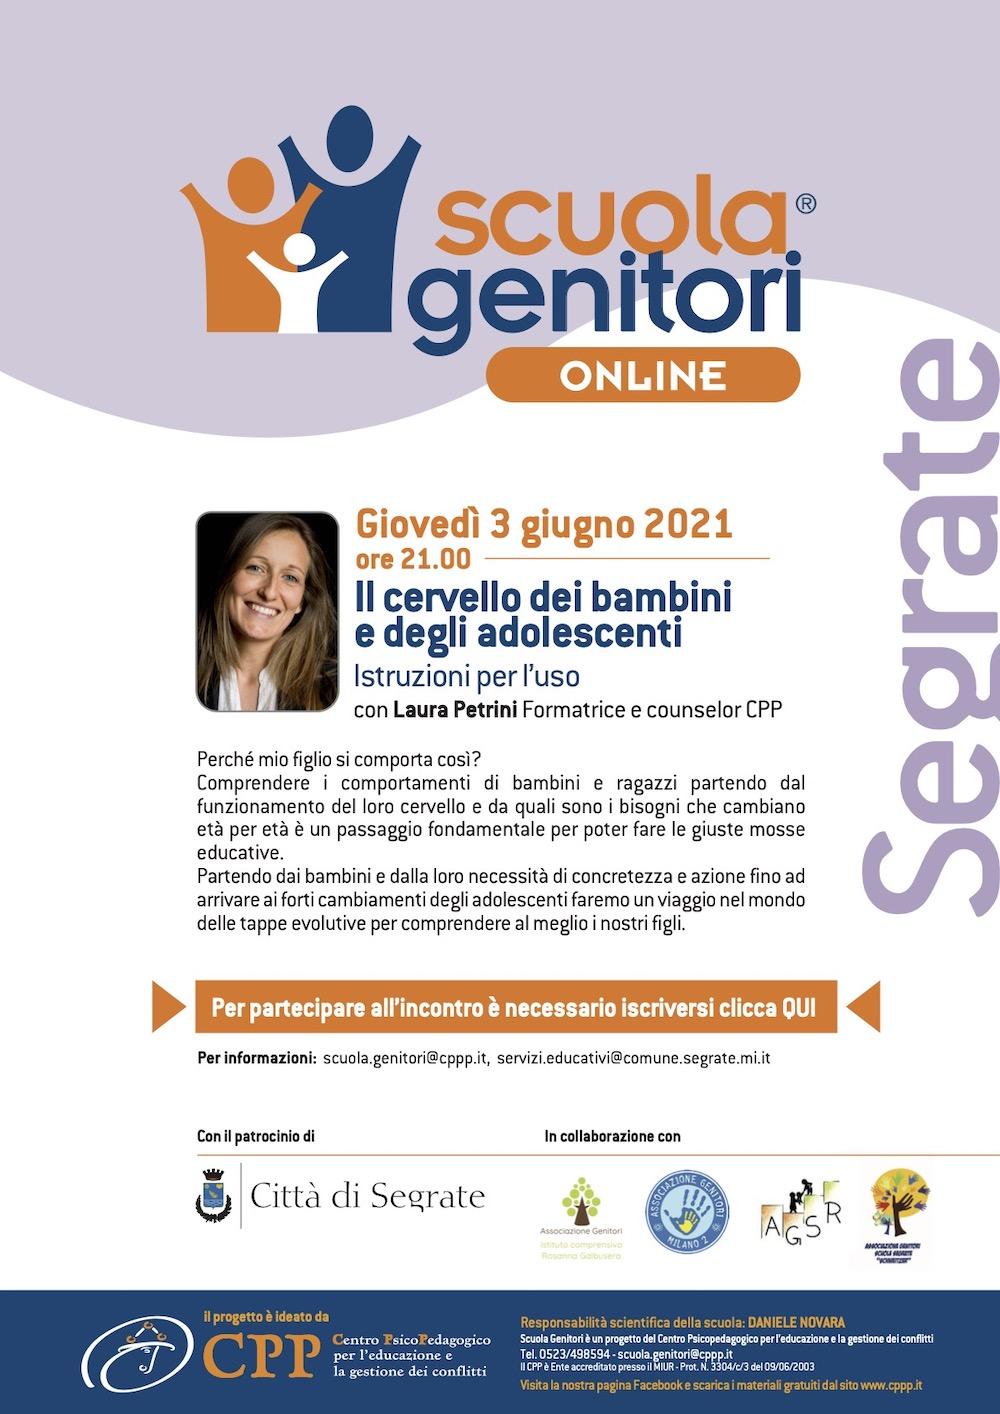 Locandina Scuola Genitori Segrate con Laura Petrini 3 giugno 2021